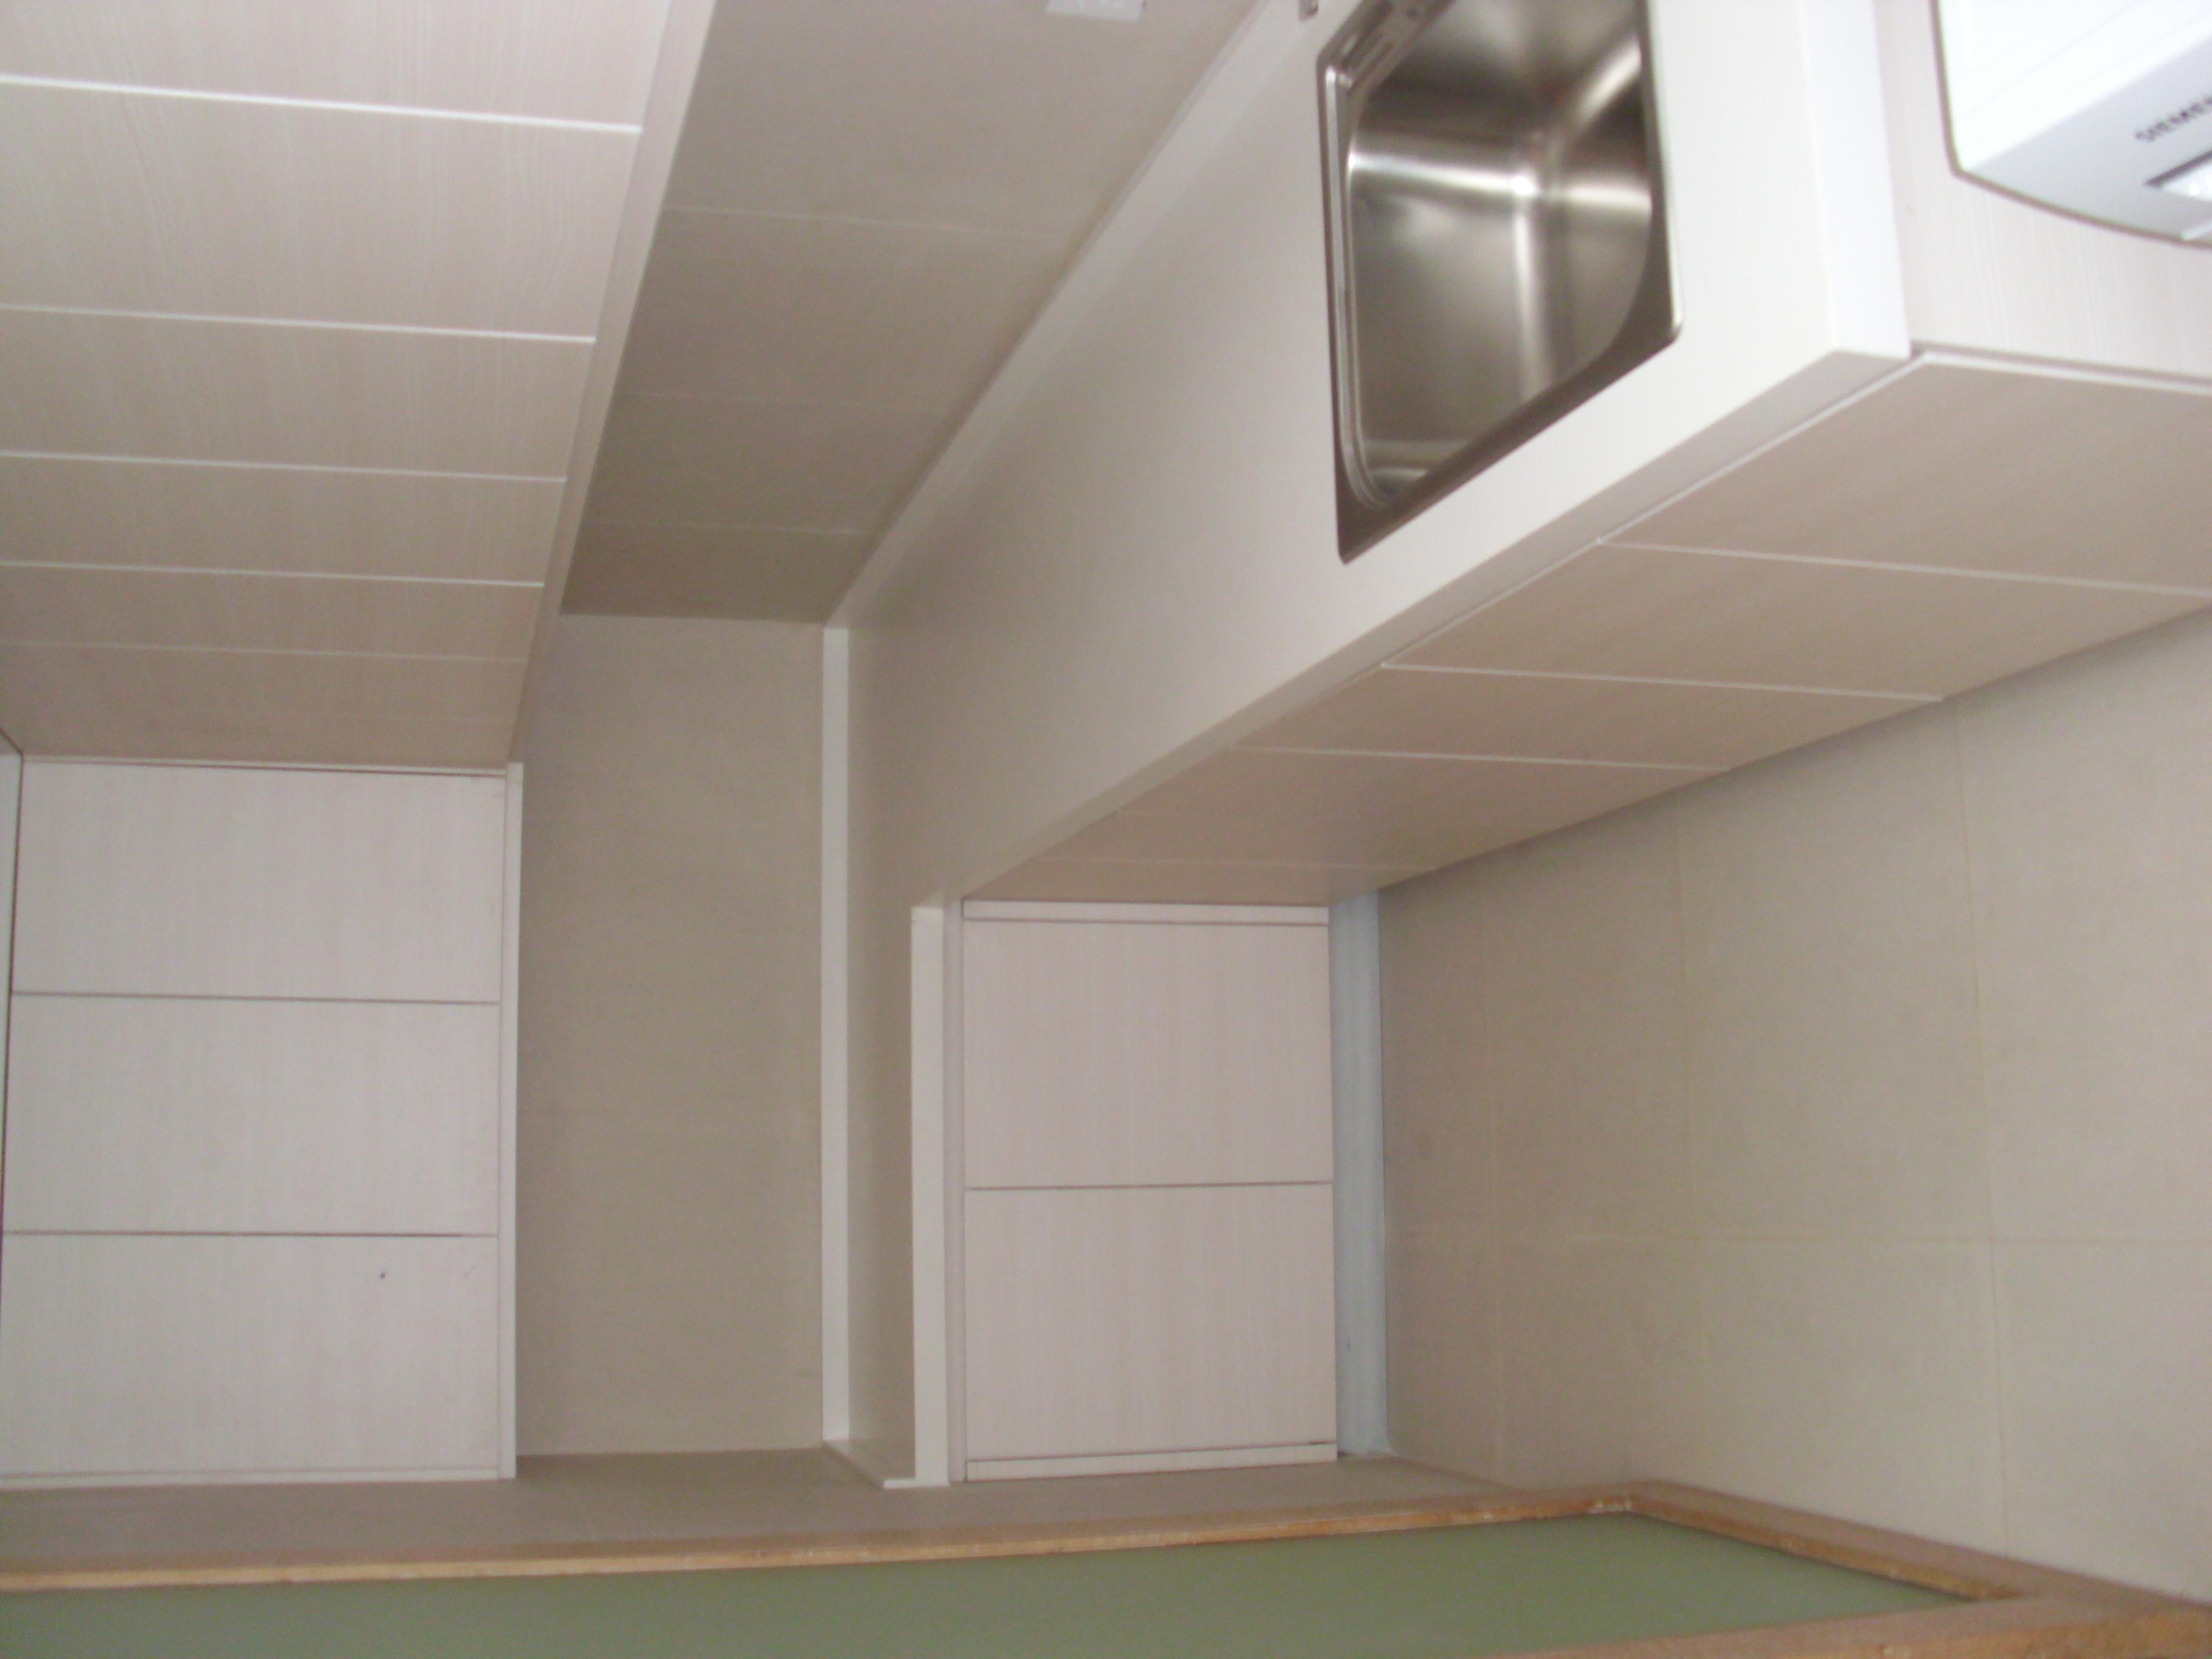 巨臣制衣工厂溴化锂吸收式中央空调系统项目工程